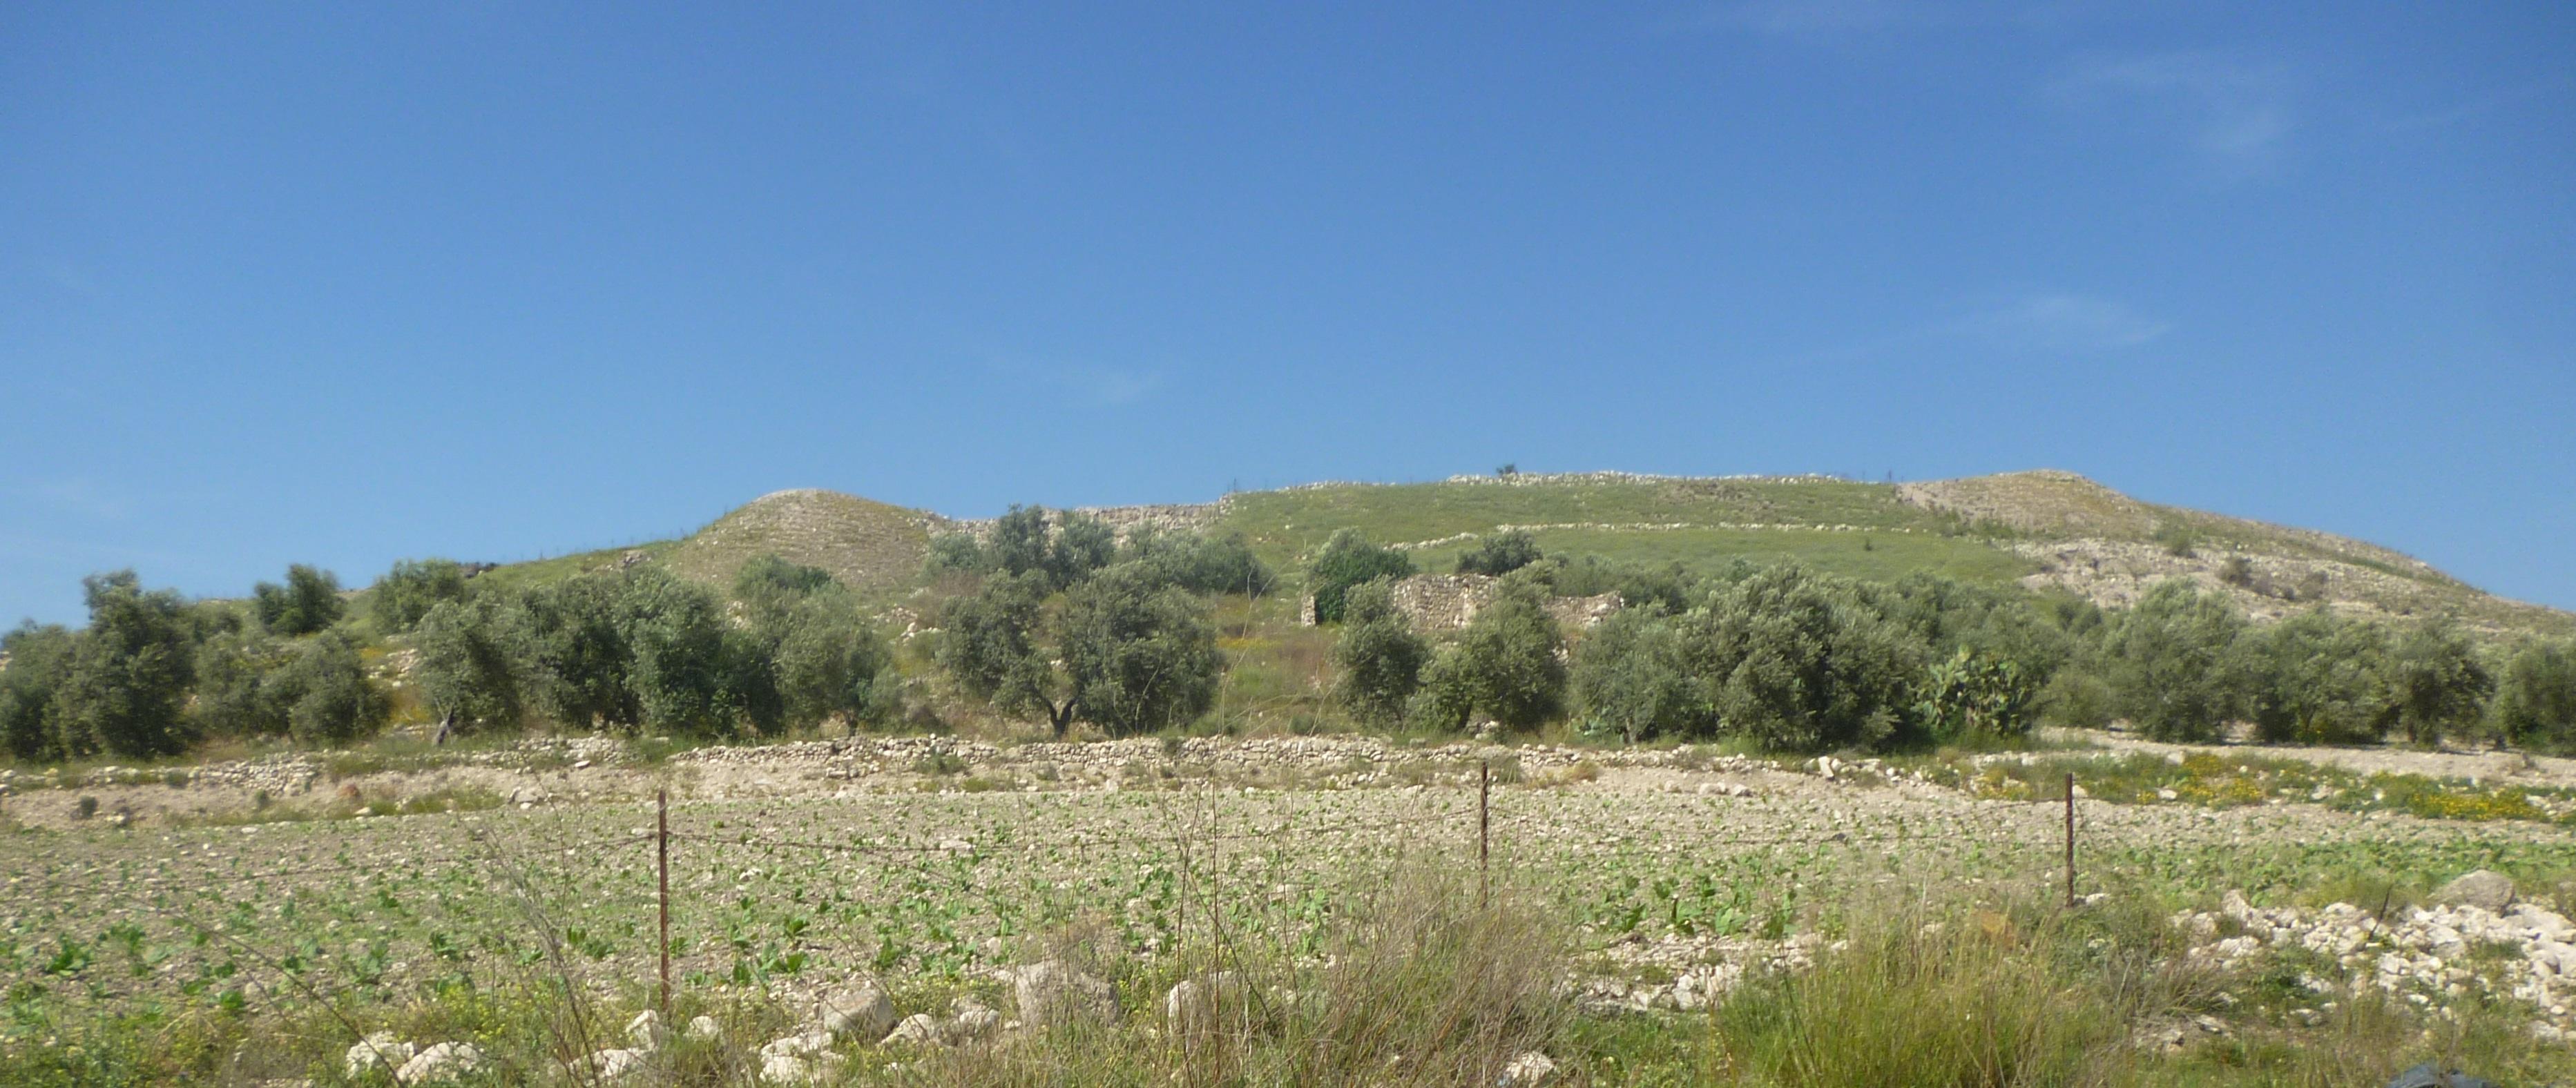 上图:多坍遗址(Tel Dothan)旁边的山丘。「满山有火车火马围绕以利沙」(王下六17)。